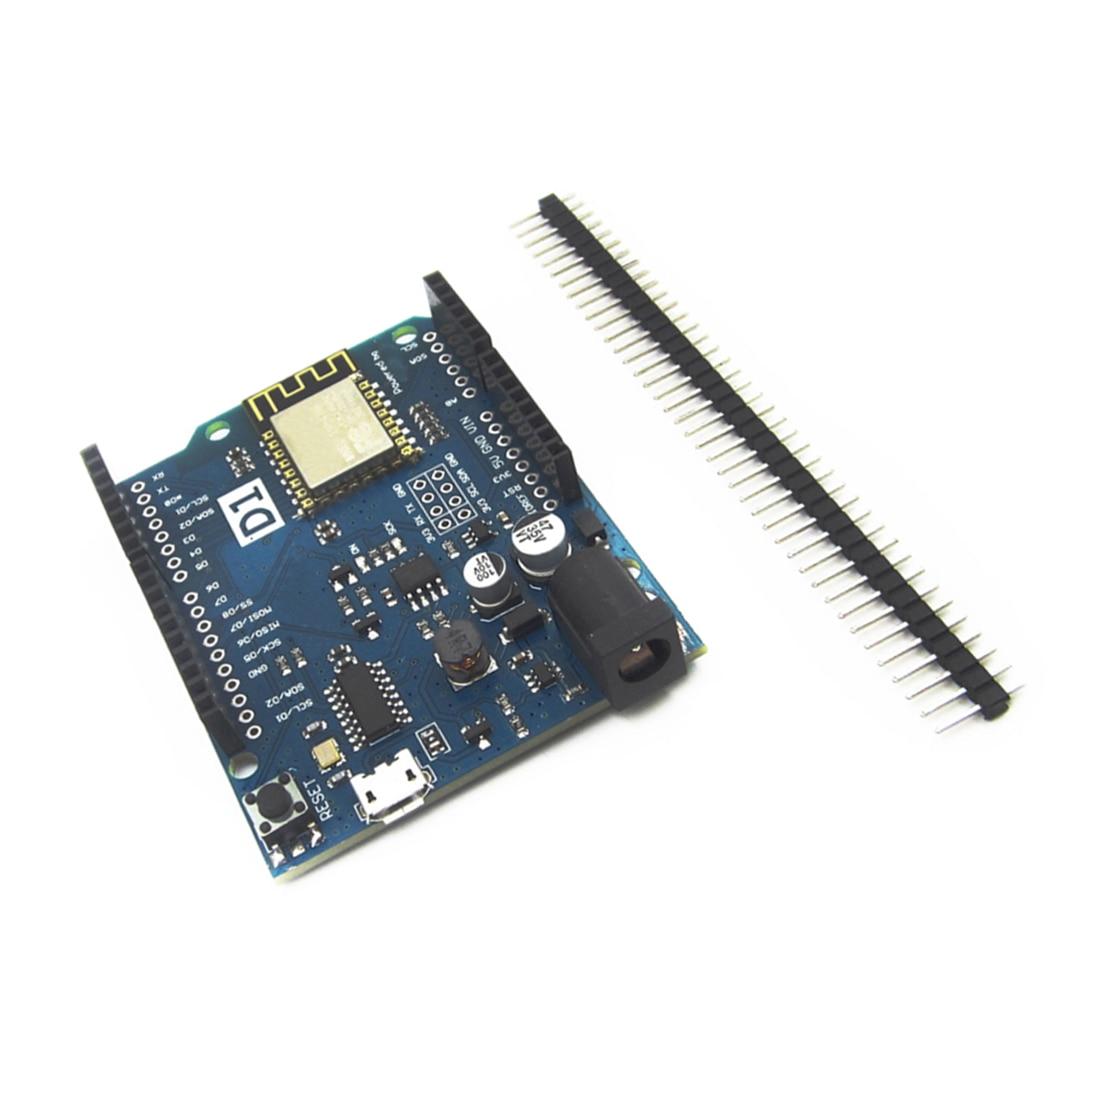 1PCS Wemos D1 R2 V2.1 nodeMCU meets Uno meets ESP8266 WiFi Arduino IDE